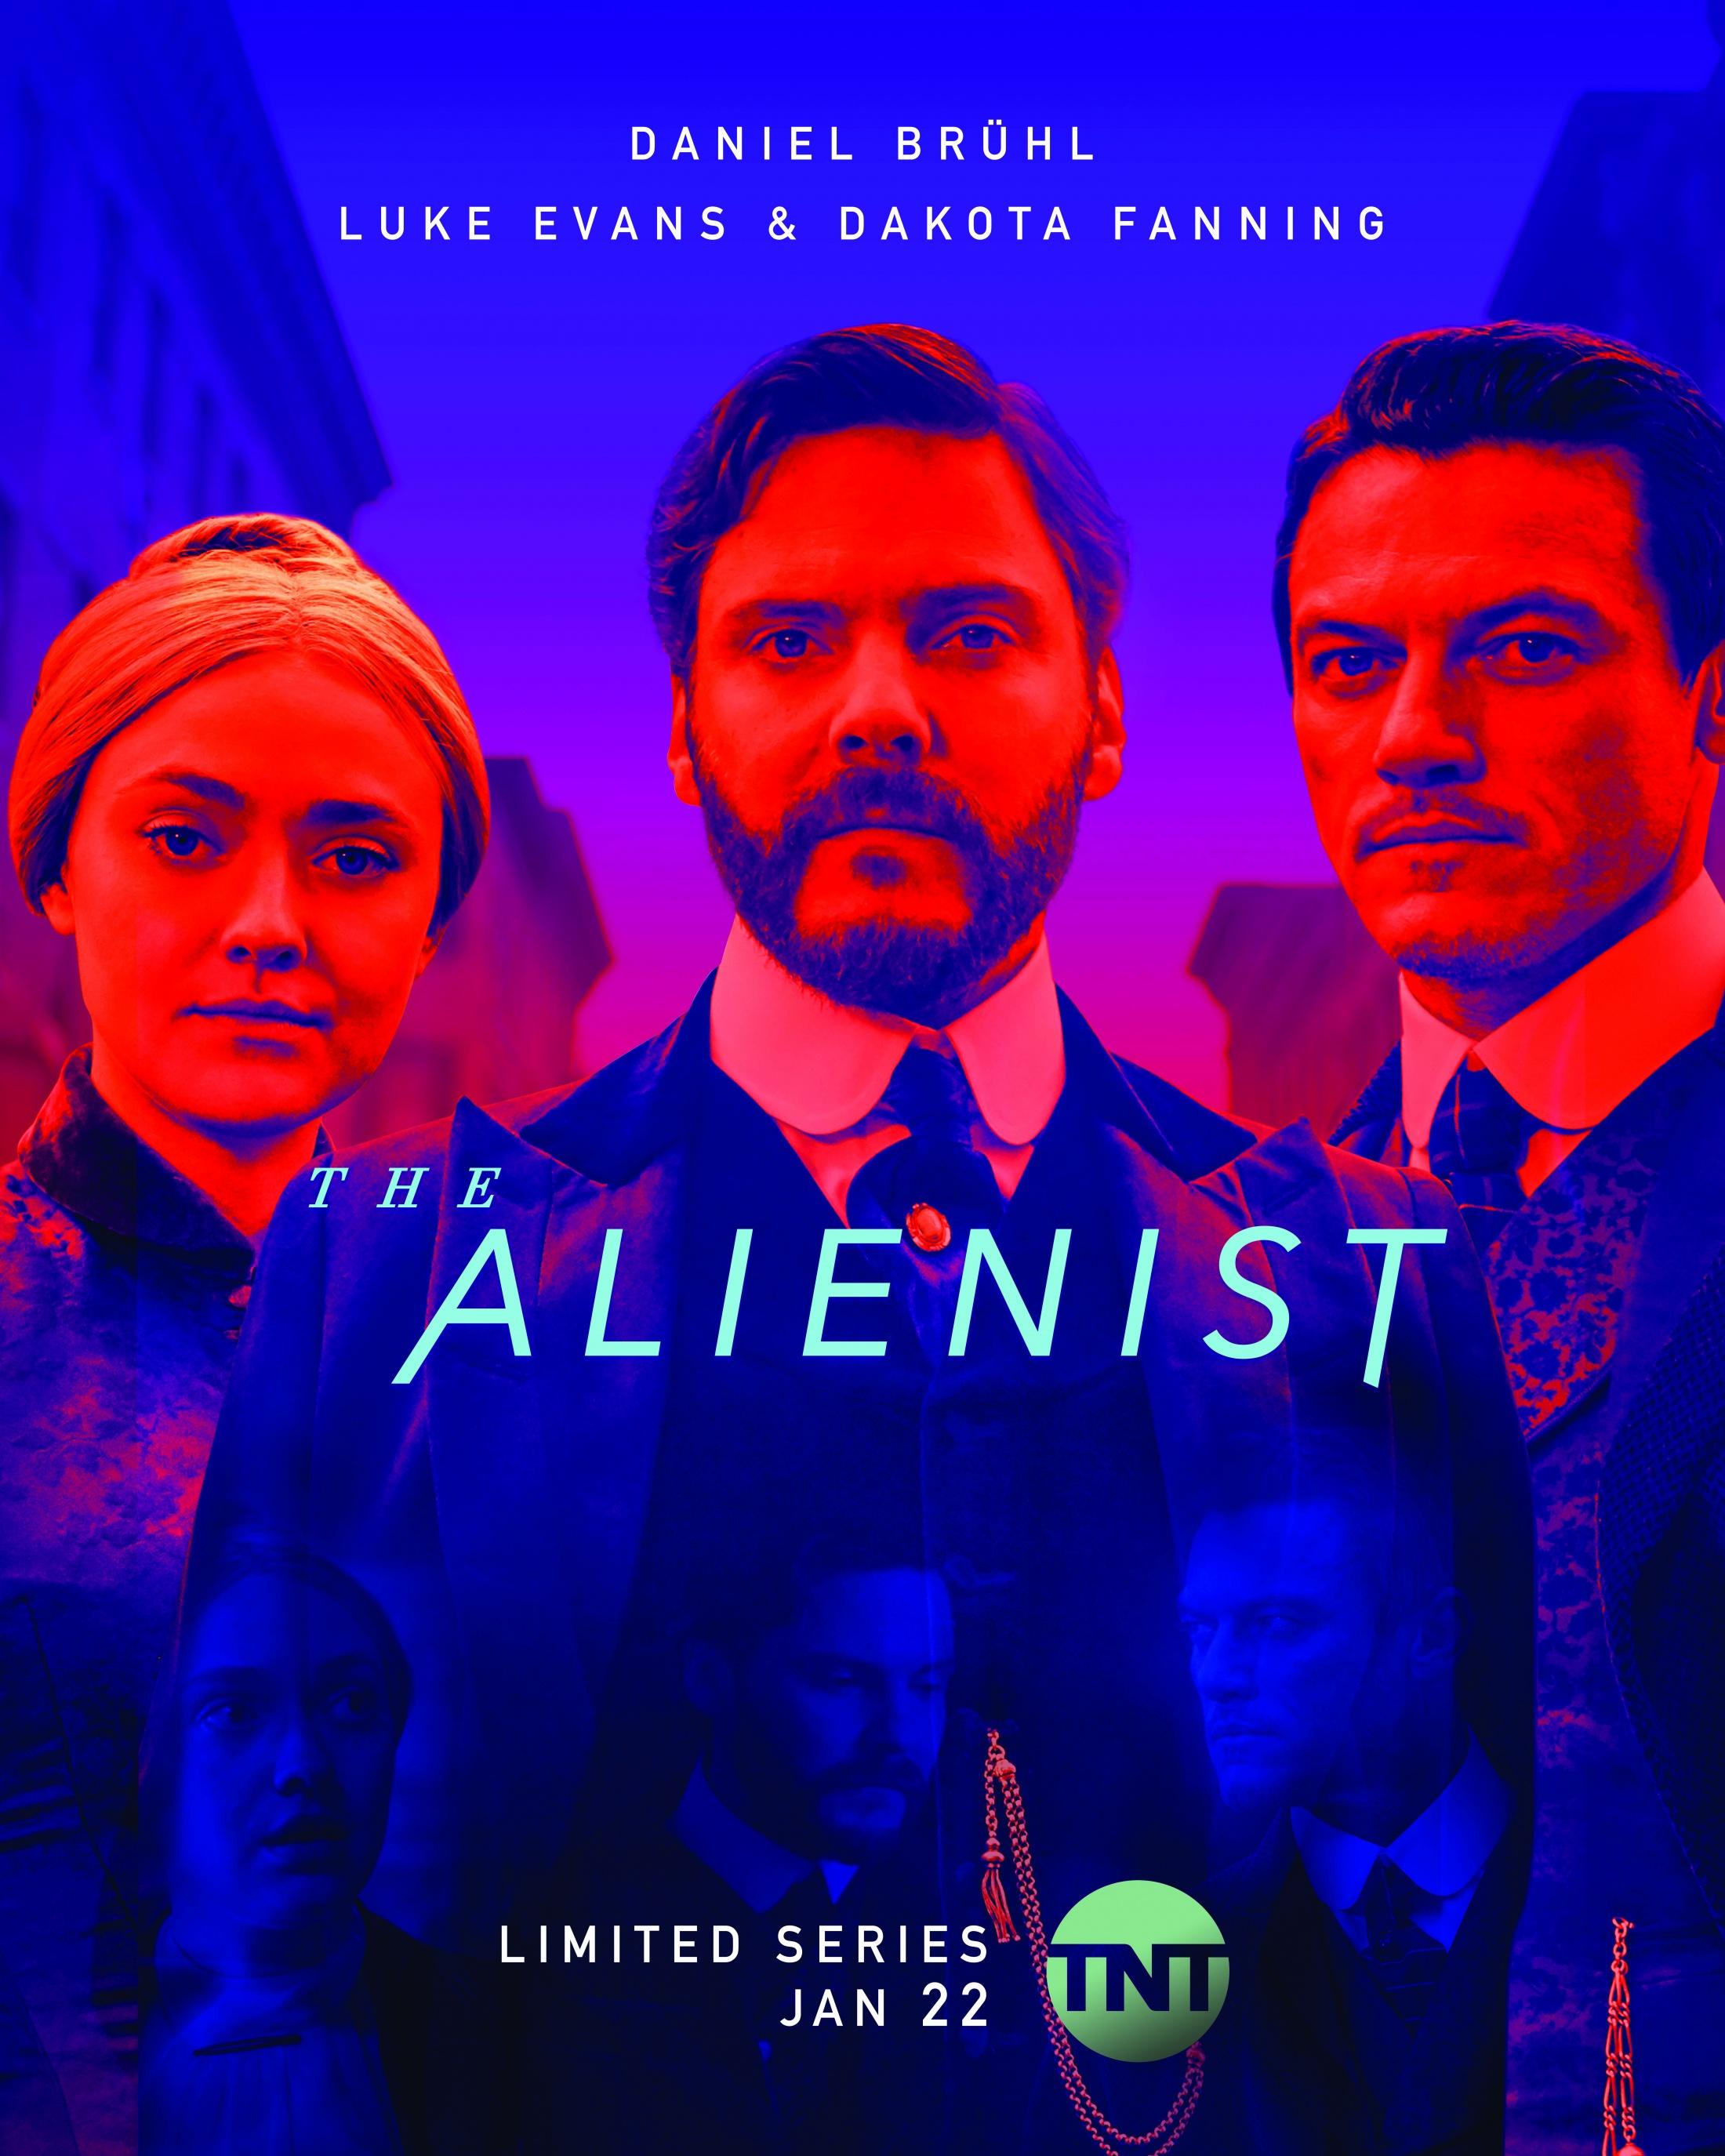 Thumbnail for The Alienist Docuseries Episode 2